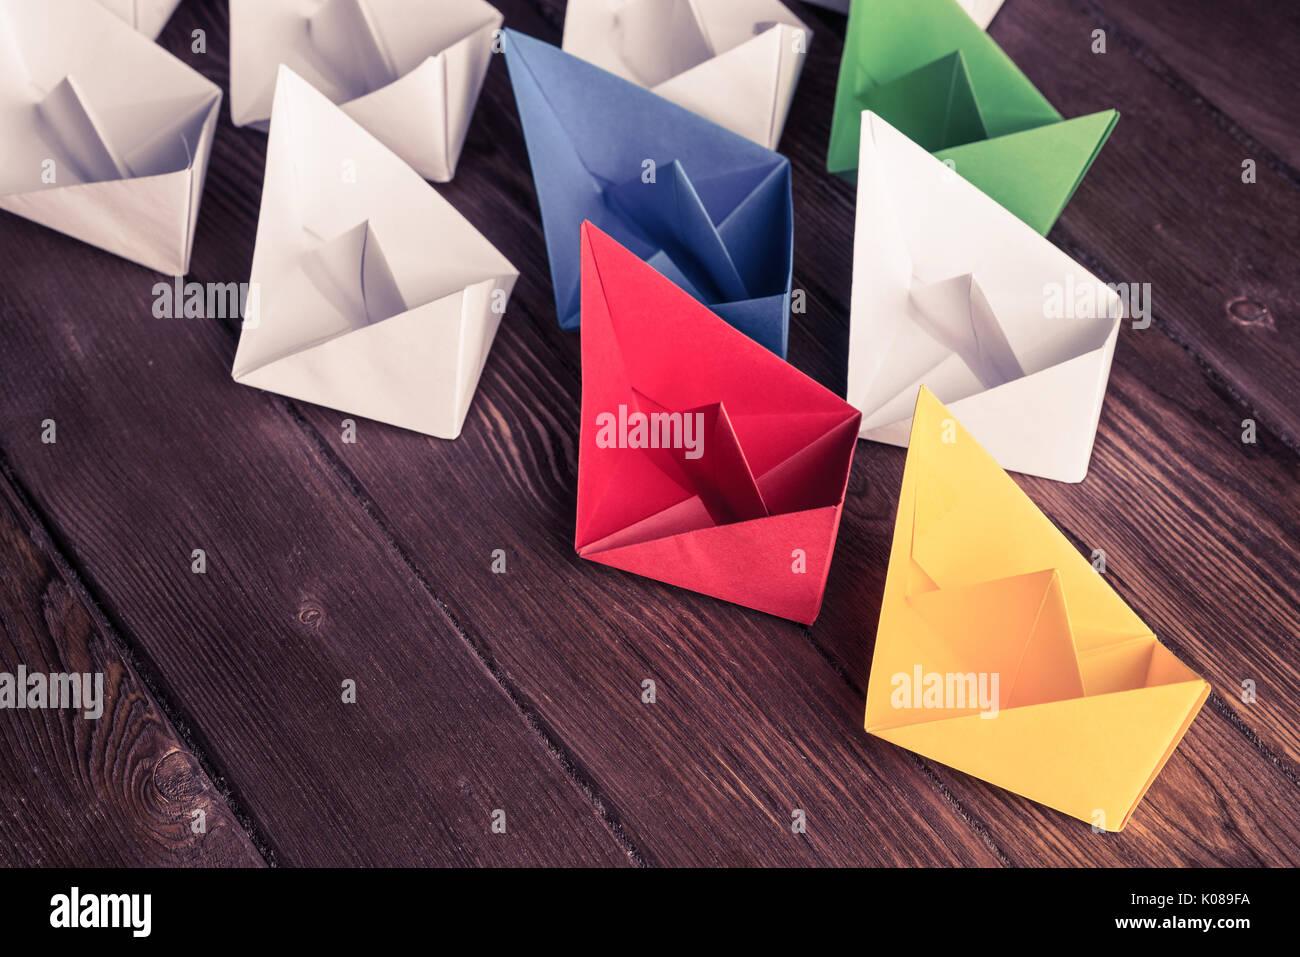 Les dirigeants de l'entreprise concept avec blanc et couleur sur bateaux en papier Photo Stock